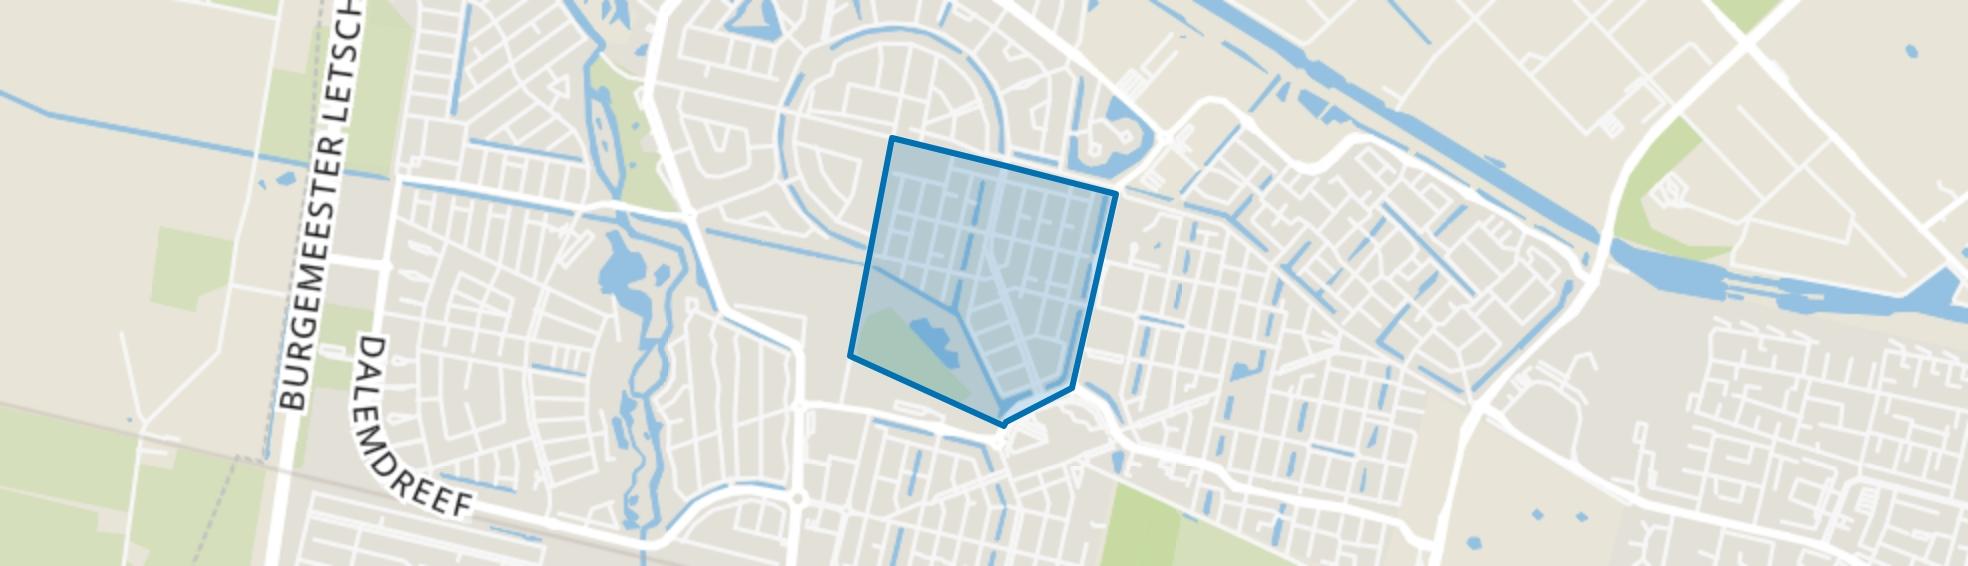 Heerevelden, Tilburg map